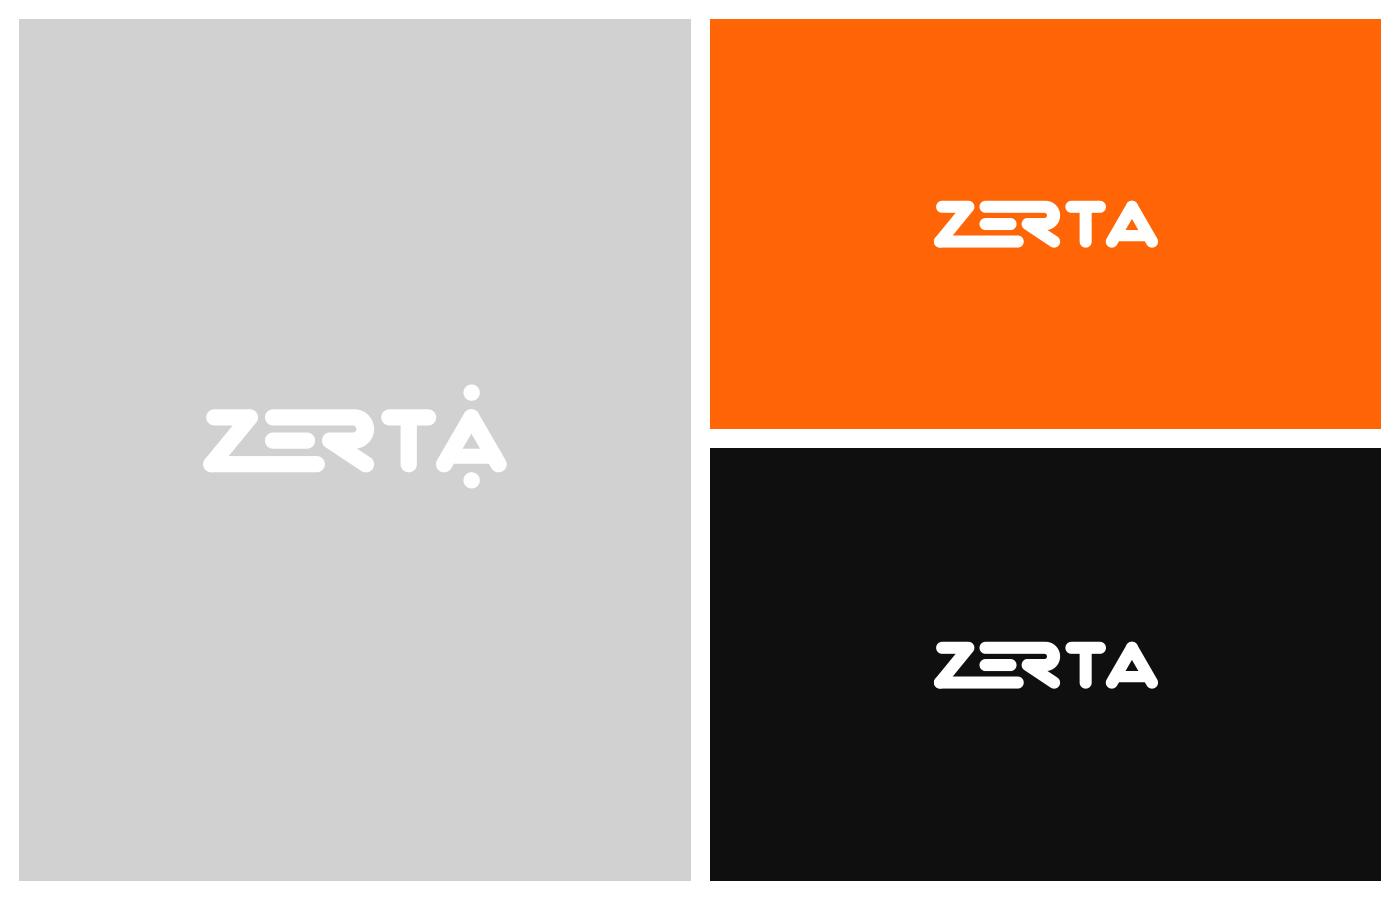 Zerta